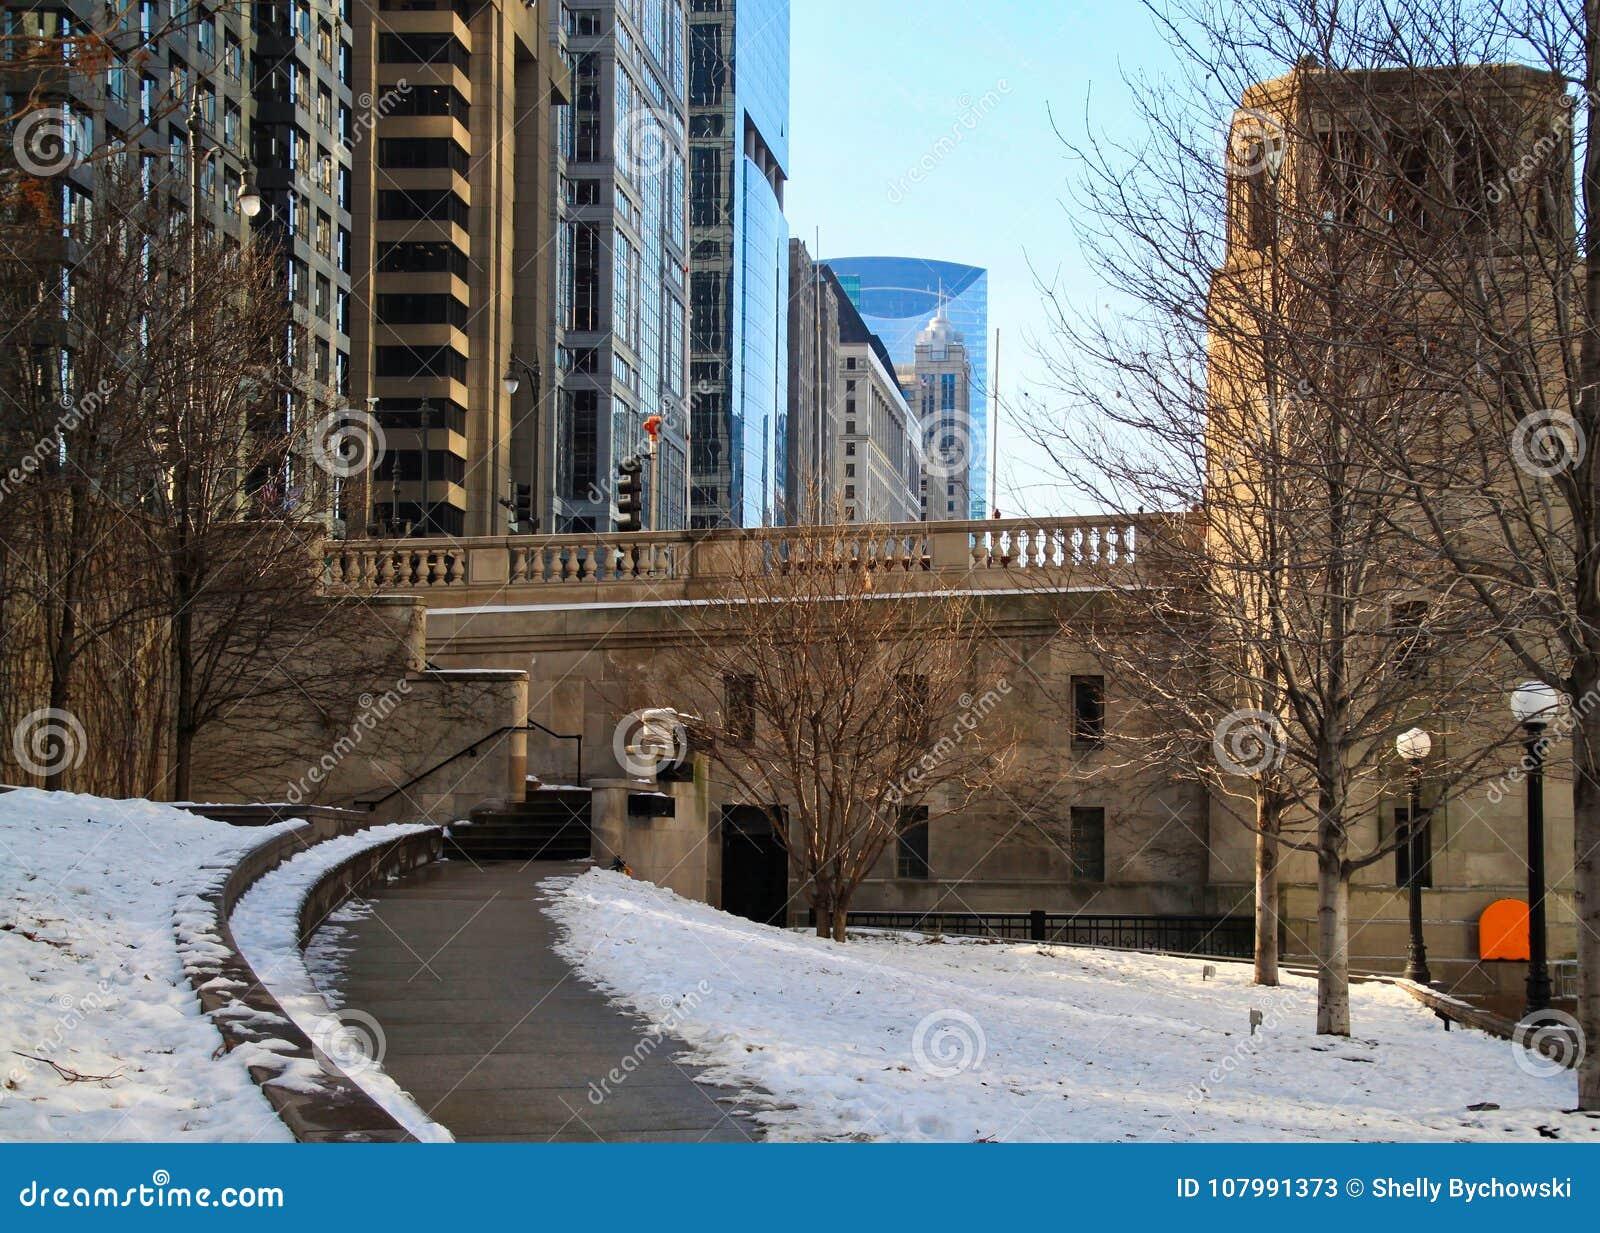 Snowy footpath bending away from the riverwalk in downtown Chicago Loop